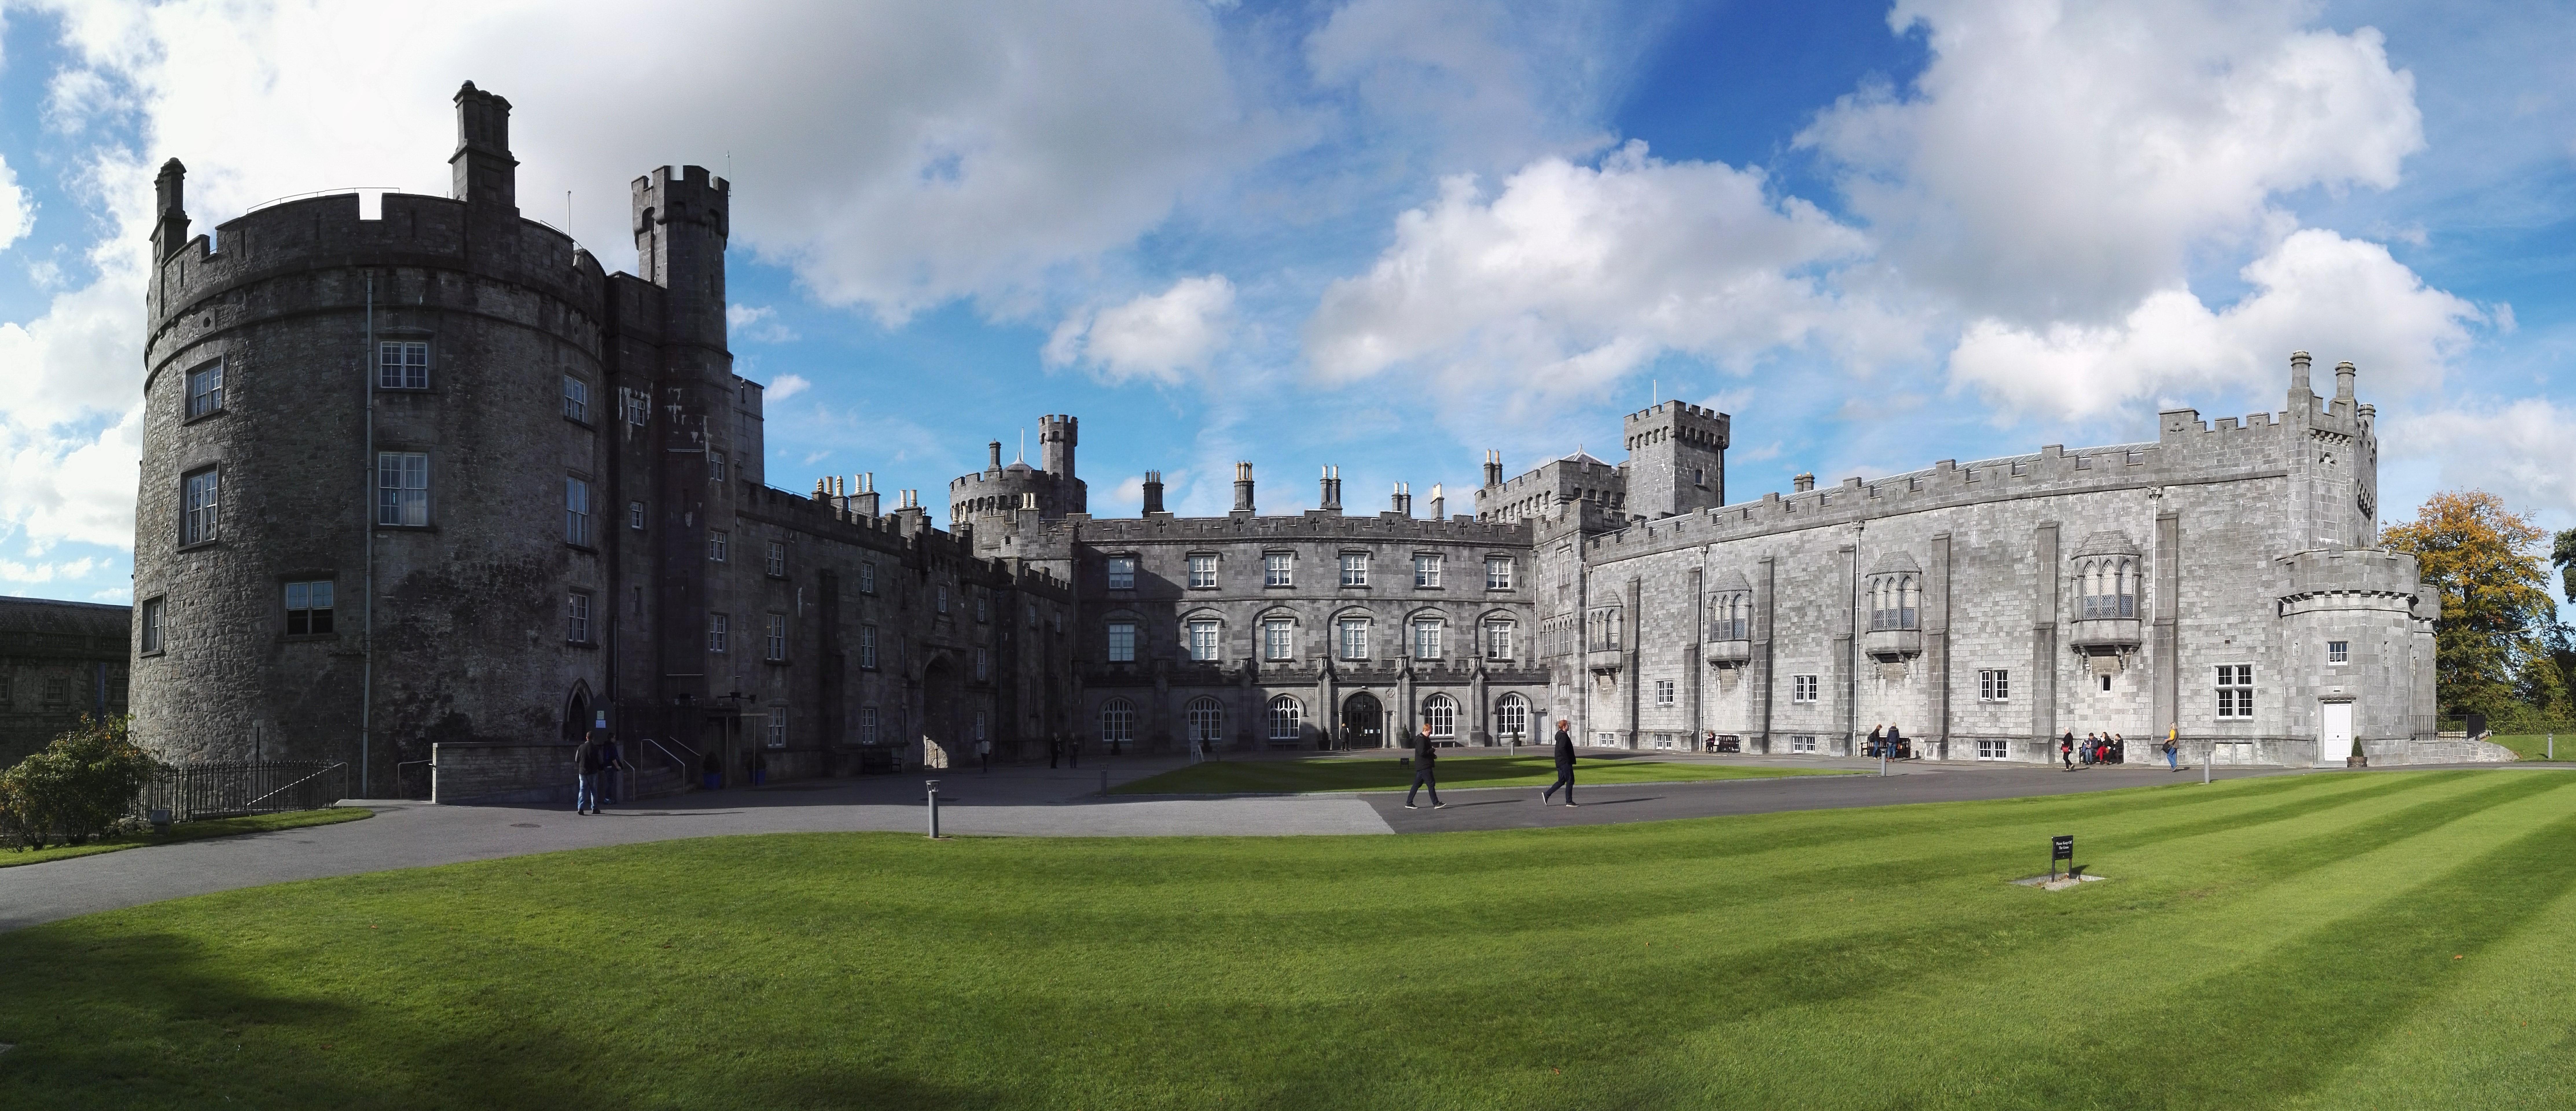 Los castillos más bonitos del mundo Kilkenny, Irlanda